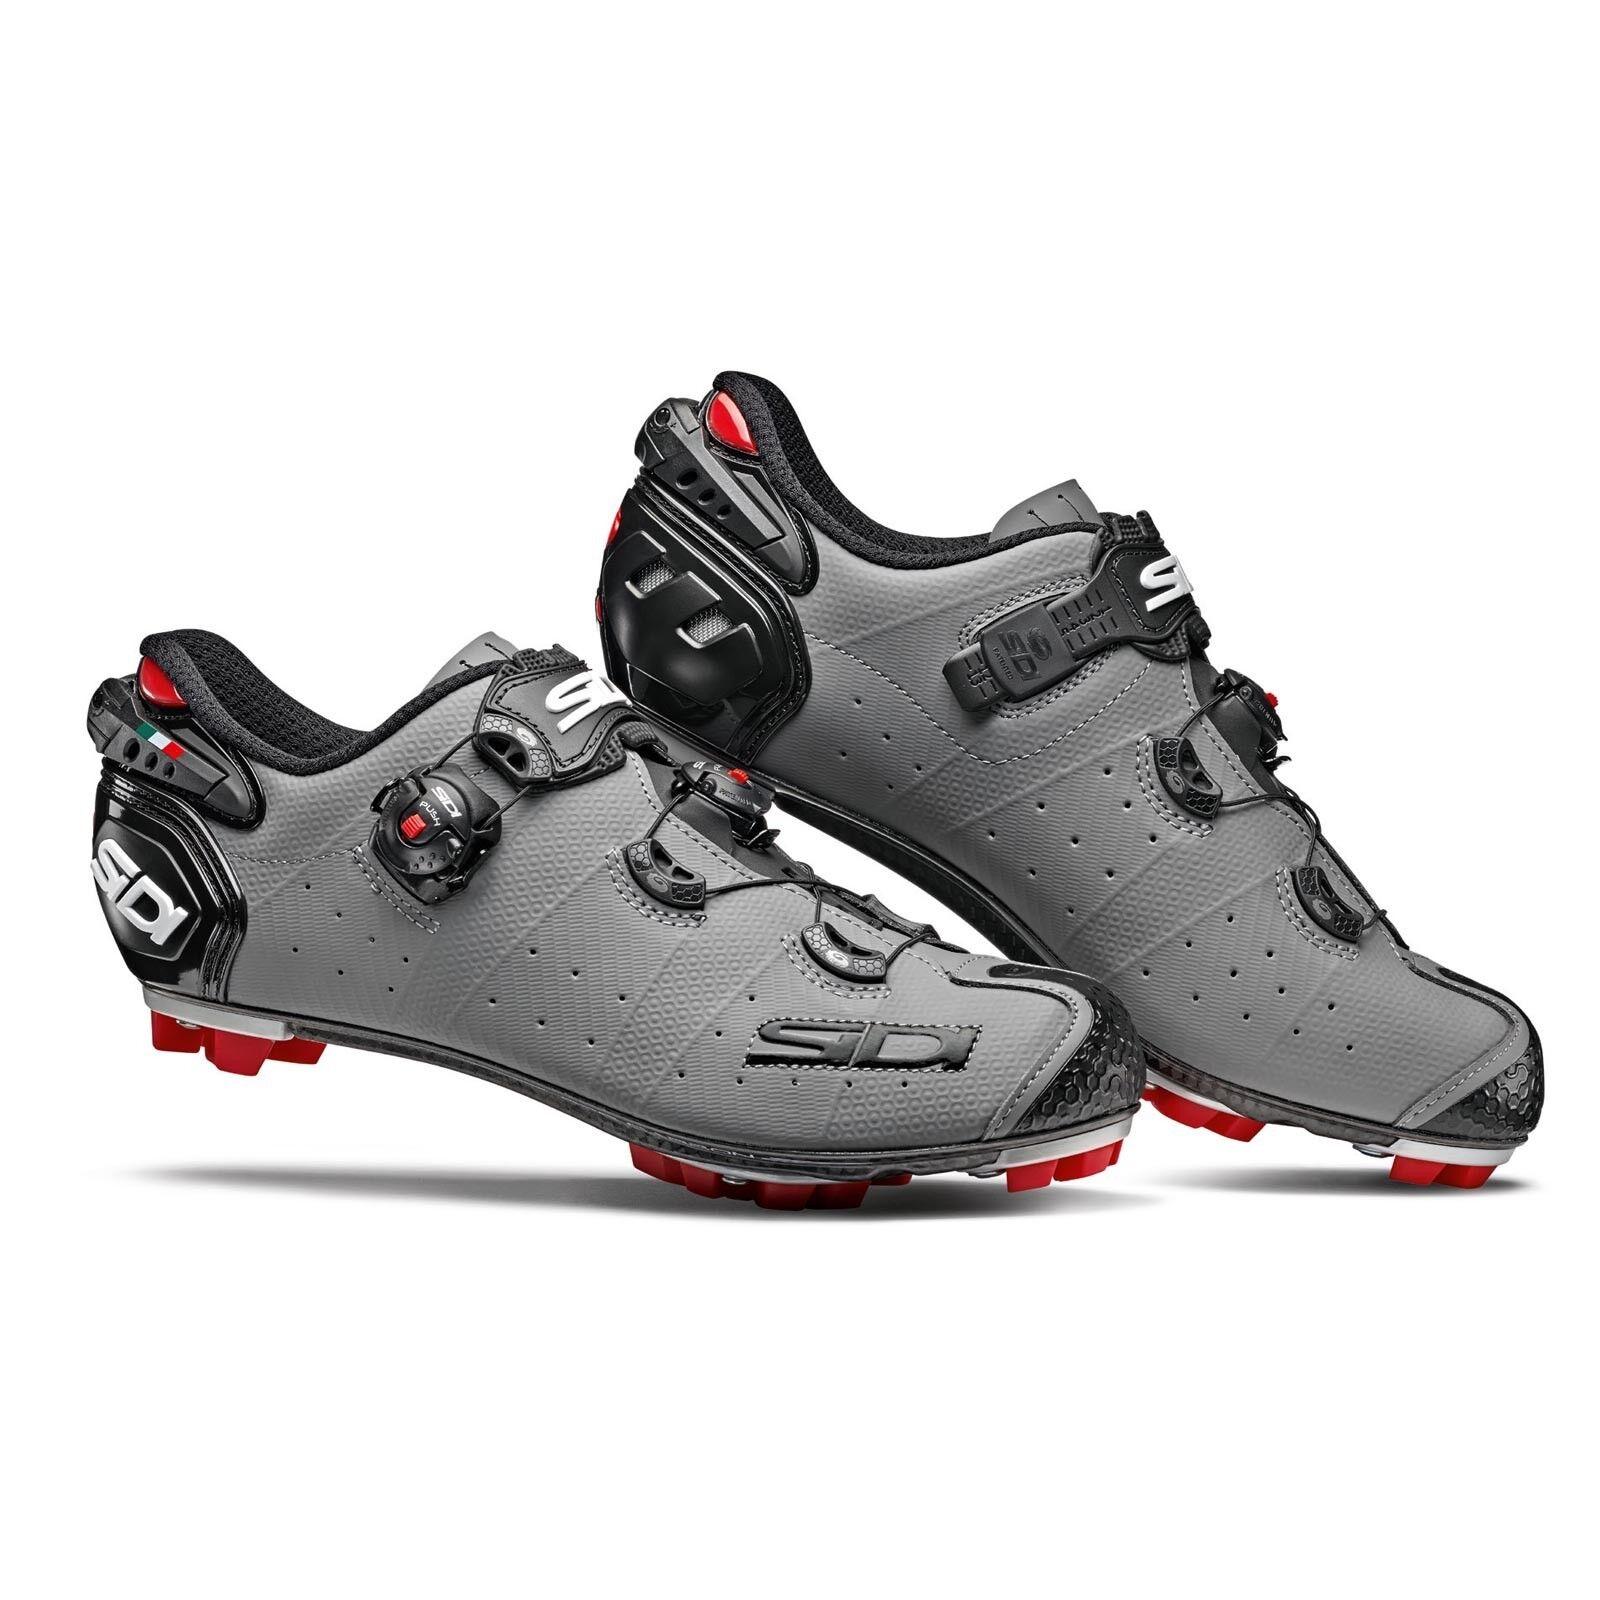 Schuhe SIDI MTB DRAKO 2 SRS MATT taglia 43 colore GRIGIO OPACO NERO